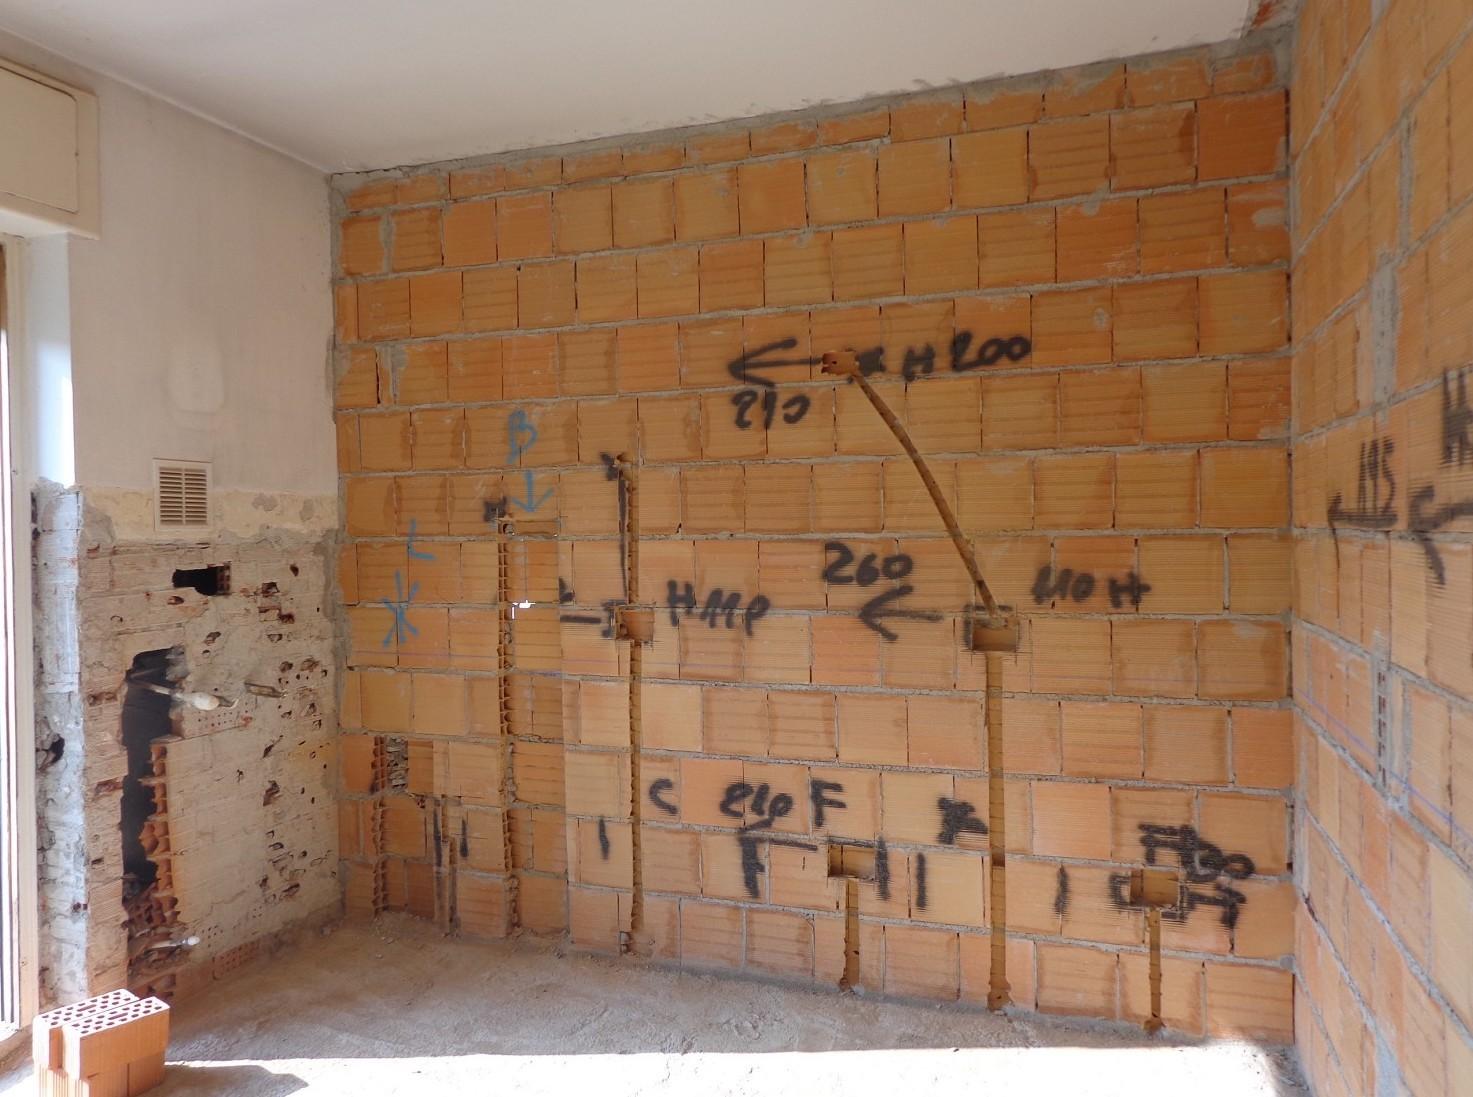 Chi detrae le spese ristrutturazioni casa tra padre e figlio se pagate dal genitore